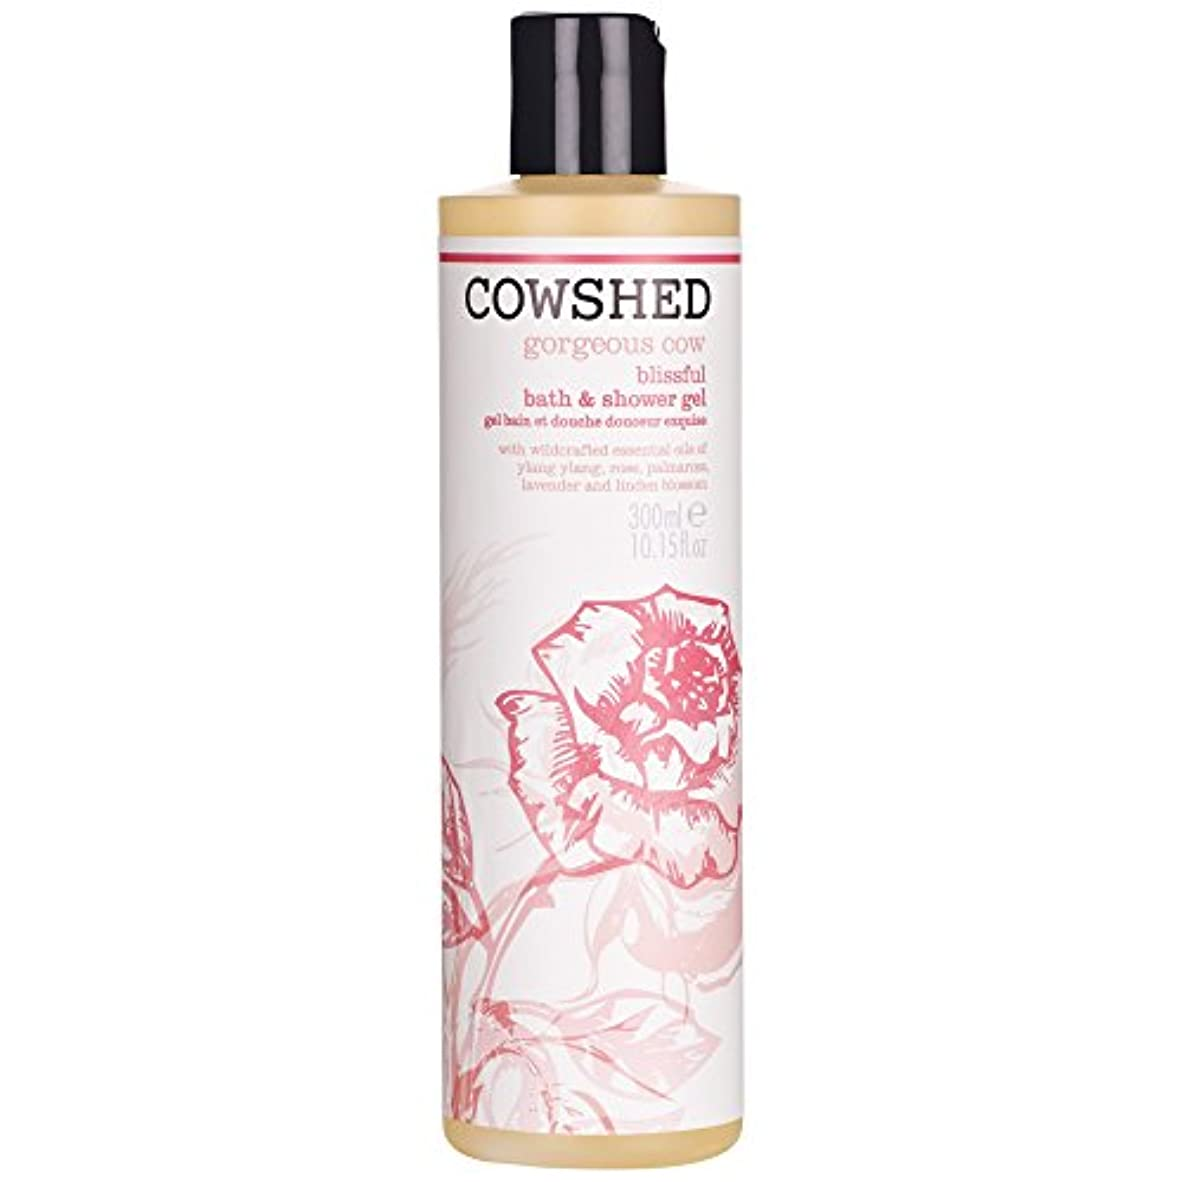 暫定の取り付け払い戻し牛舎ゴージャスな牛のバス&シャワージェル300ミリリットル (Cowshed) (x6) - Cowshed Gorgeous Cow Bath & Shower Gel 300ml (Pack of 6) [並行輸入品]